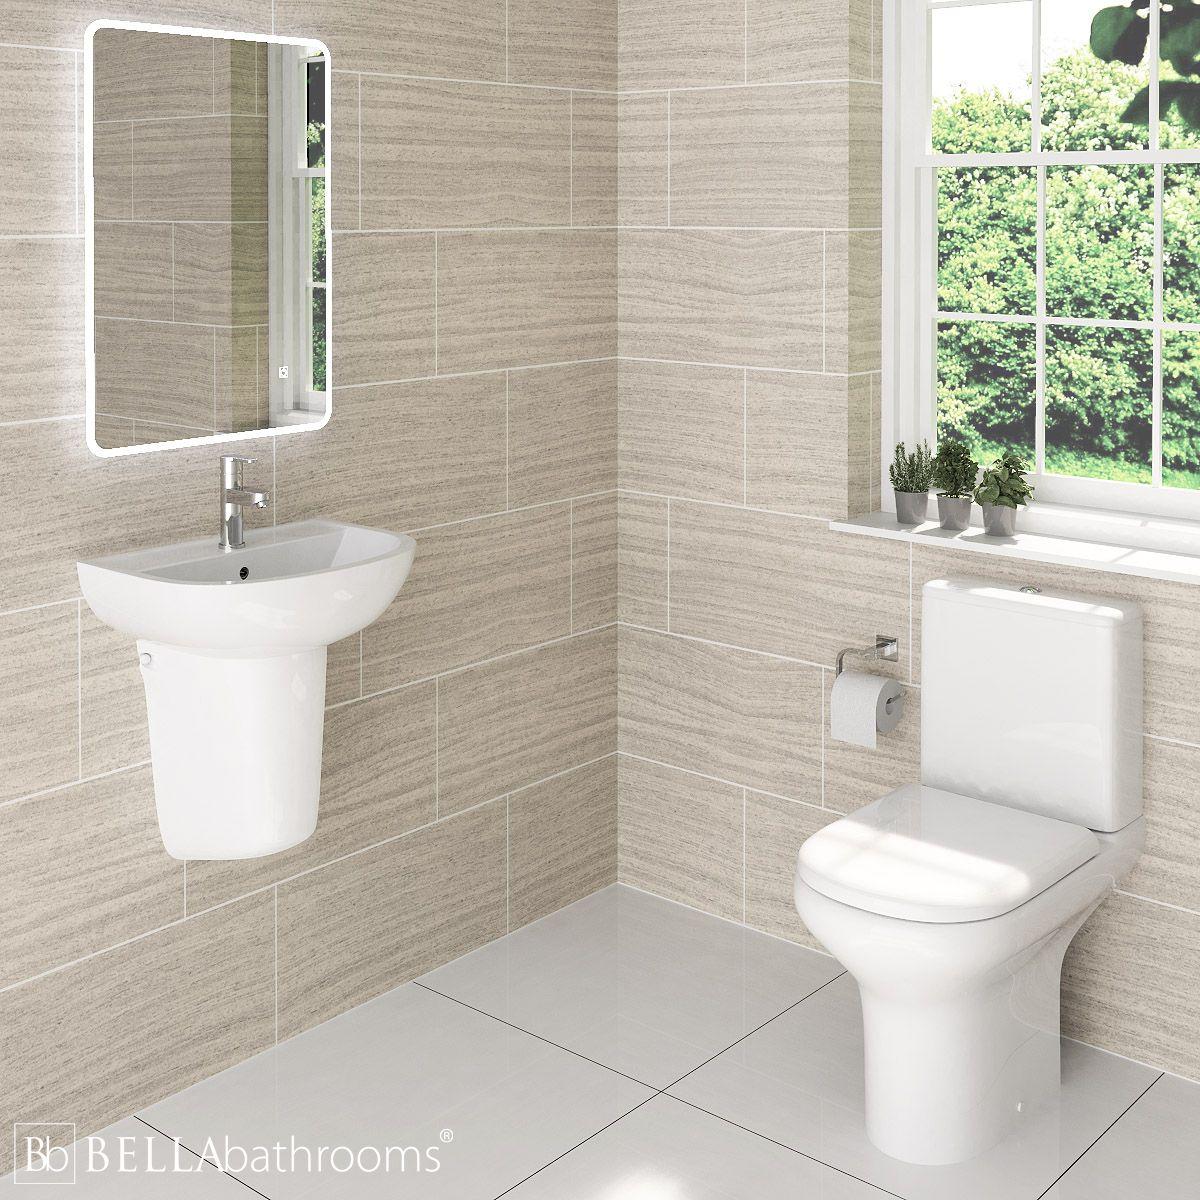 RAK Compact Cloakroom Suite with Semi Pedestal Basin